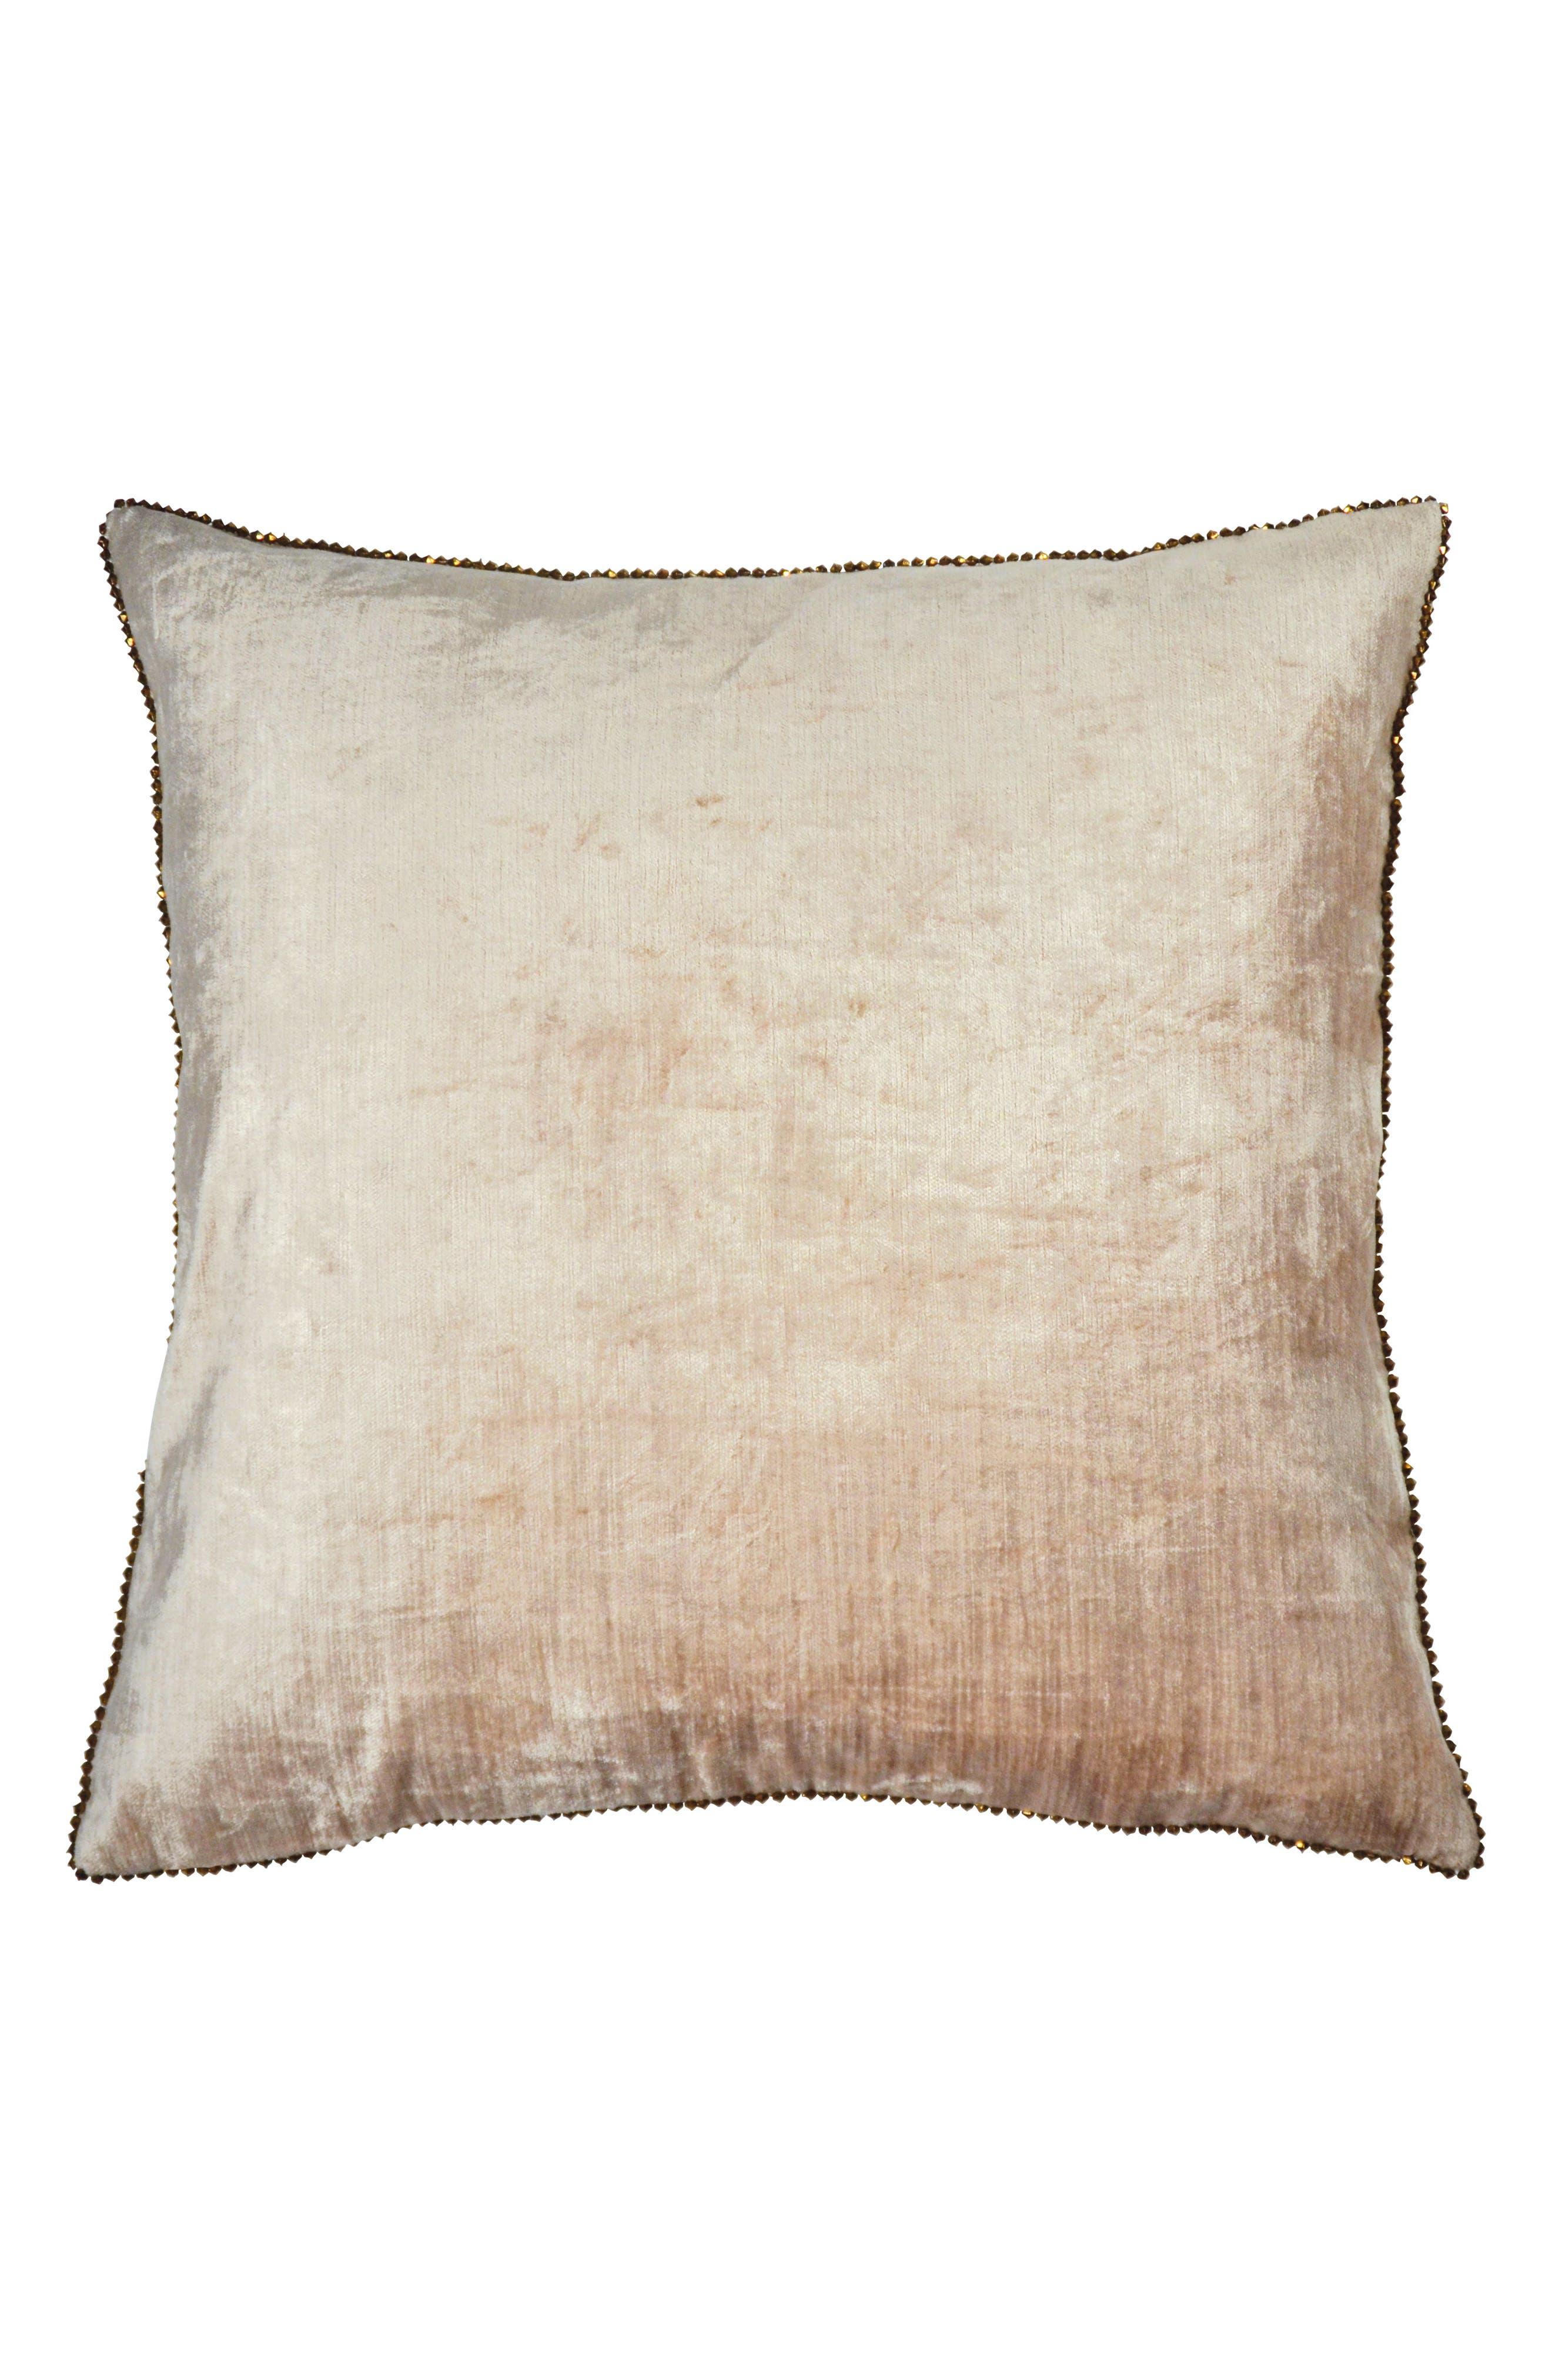 Velvet Accent Pillow,                         Main,                         color, BLUSH